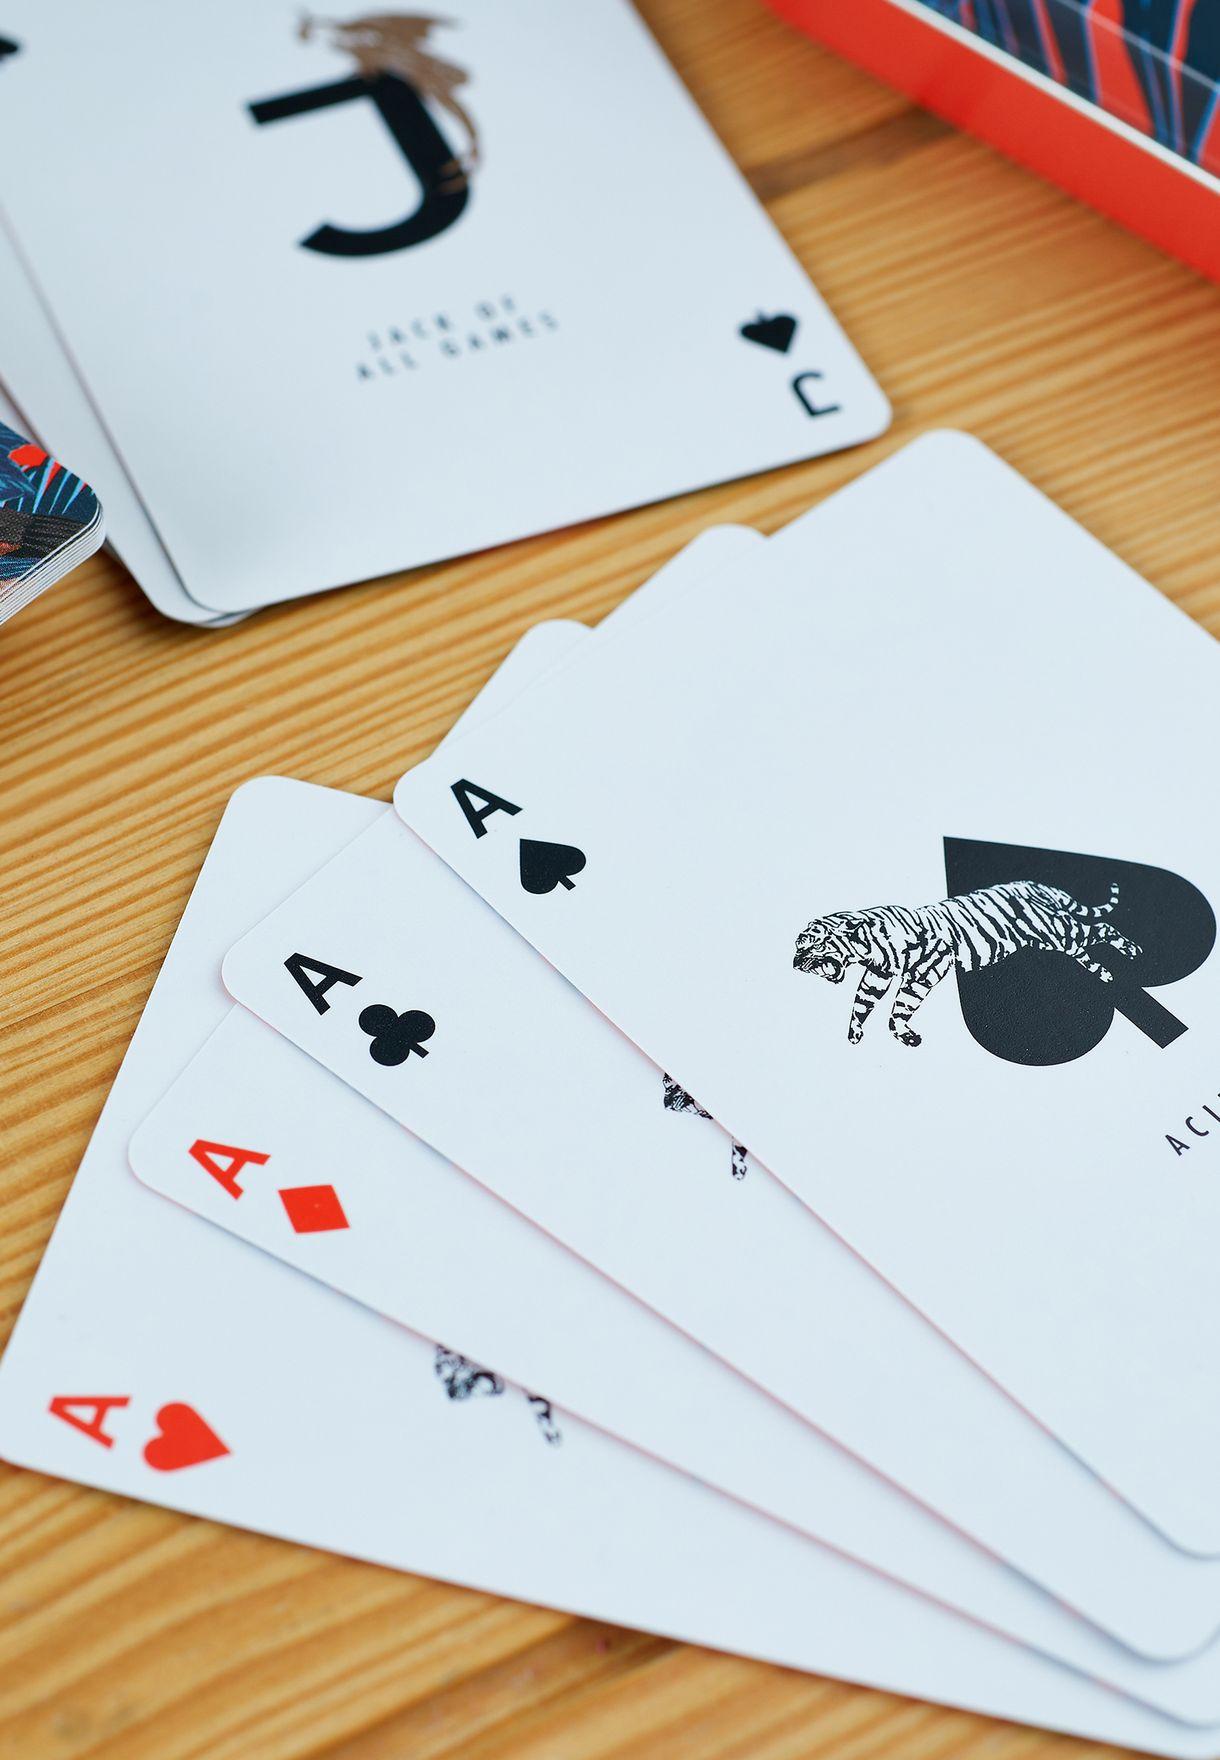 بطاقات لعب مع حافظة